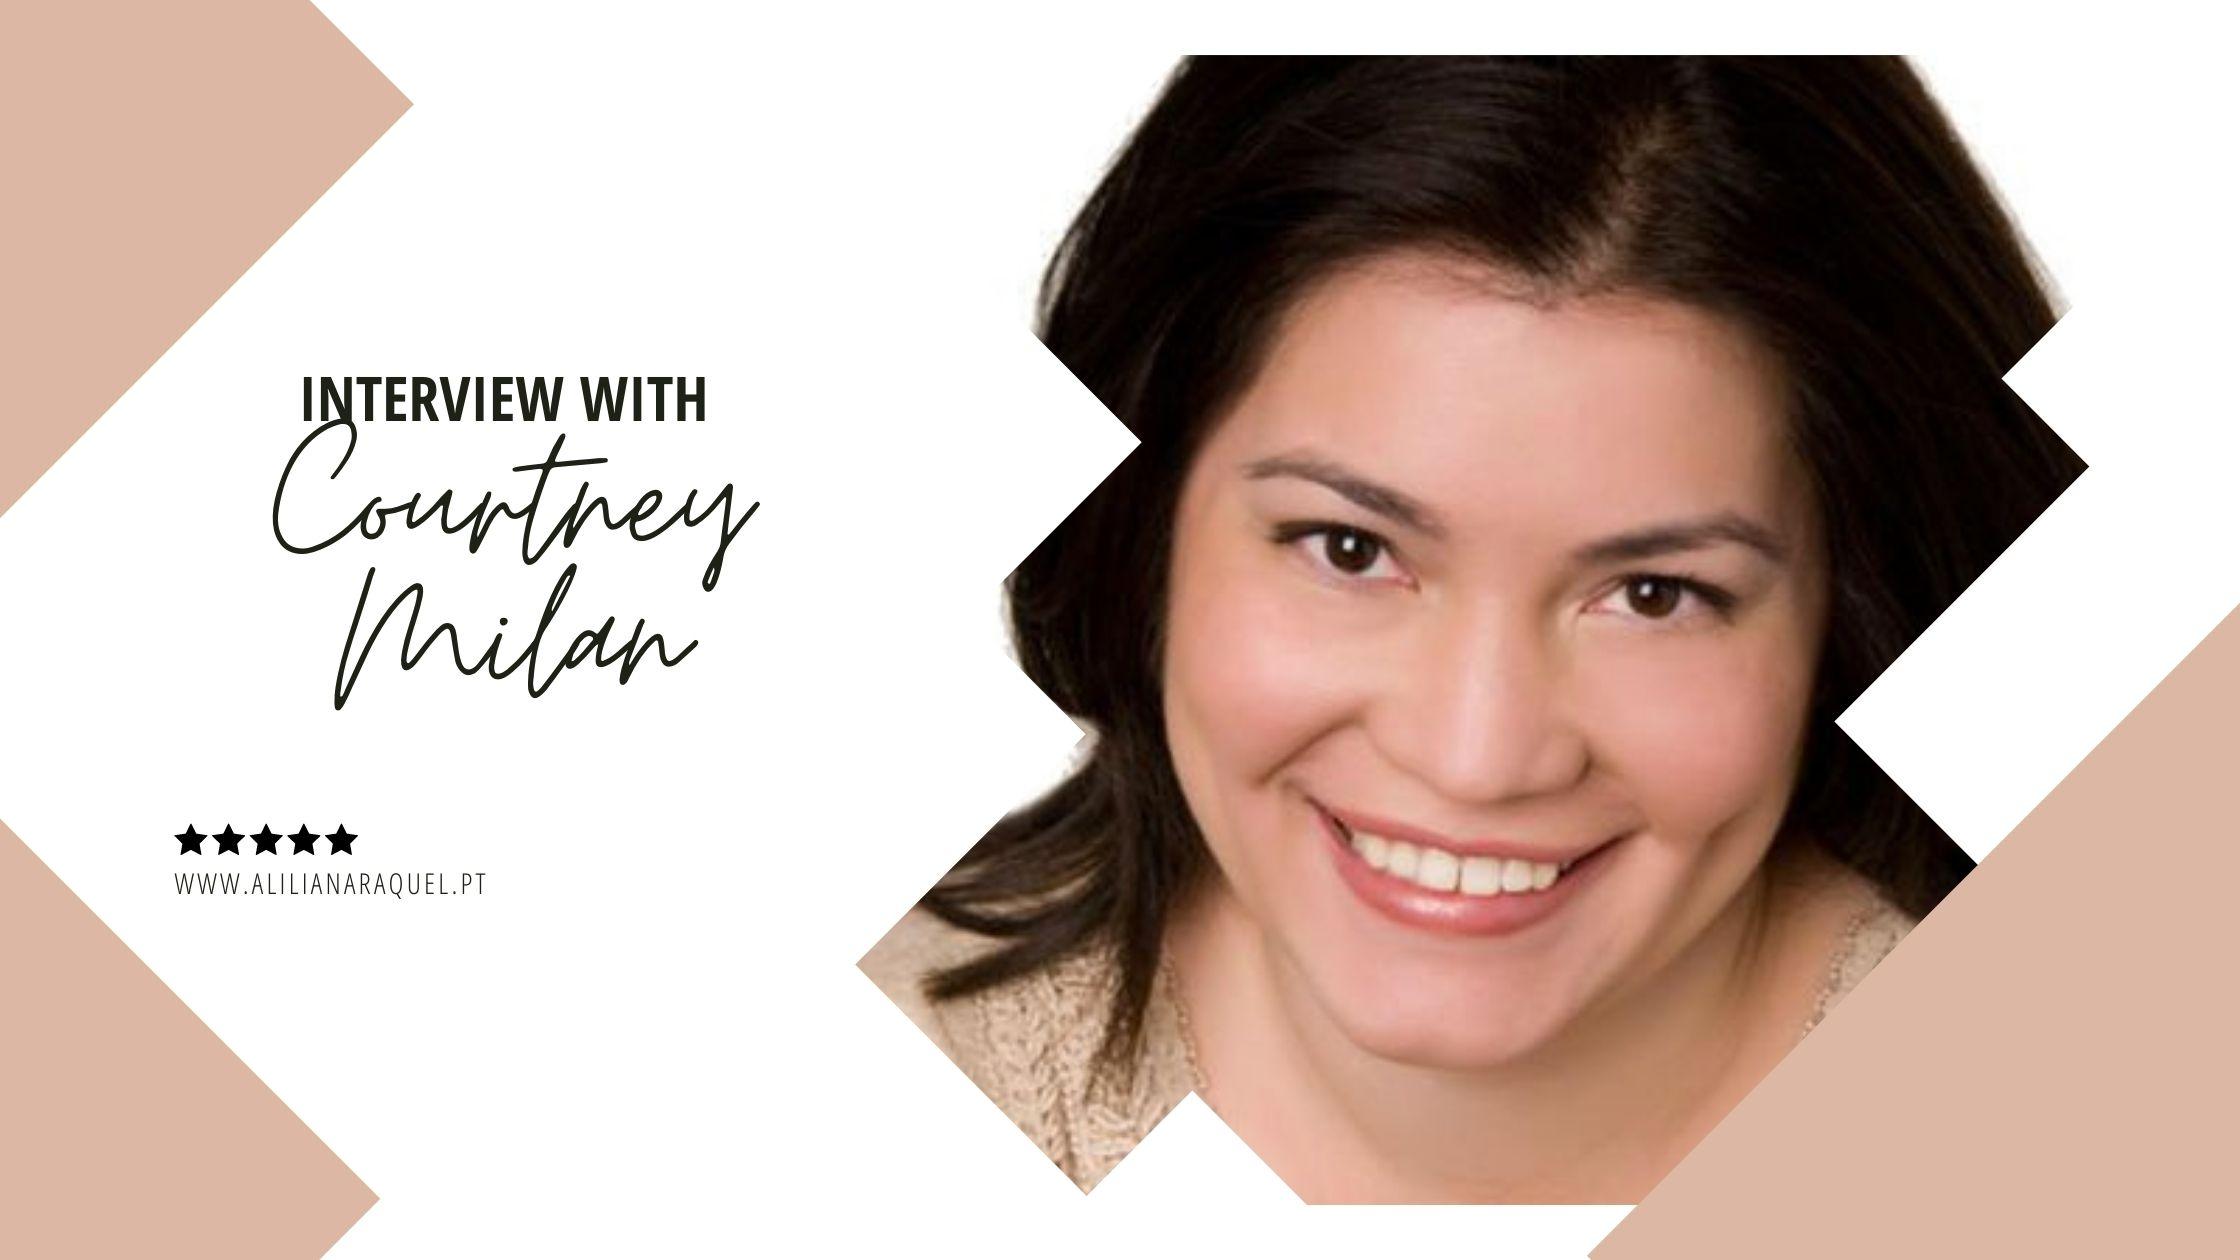 À Conversa com Courtney Milan | Entrevista